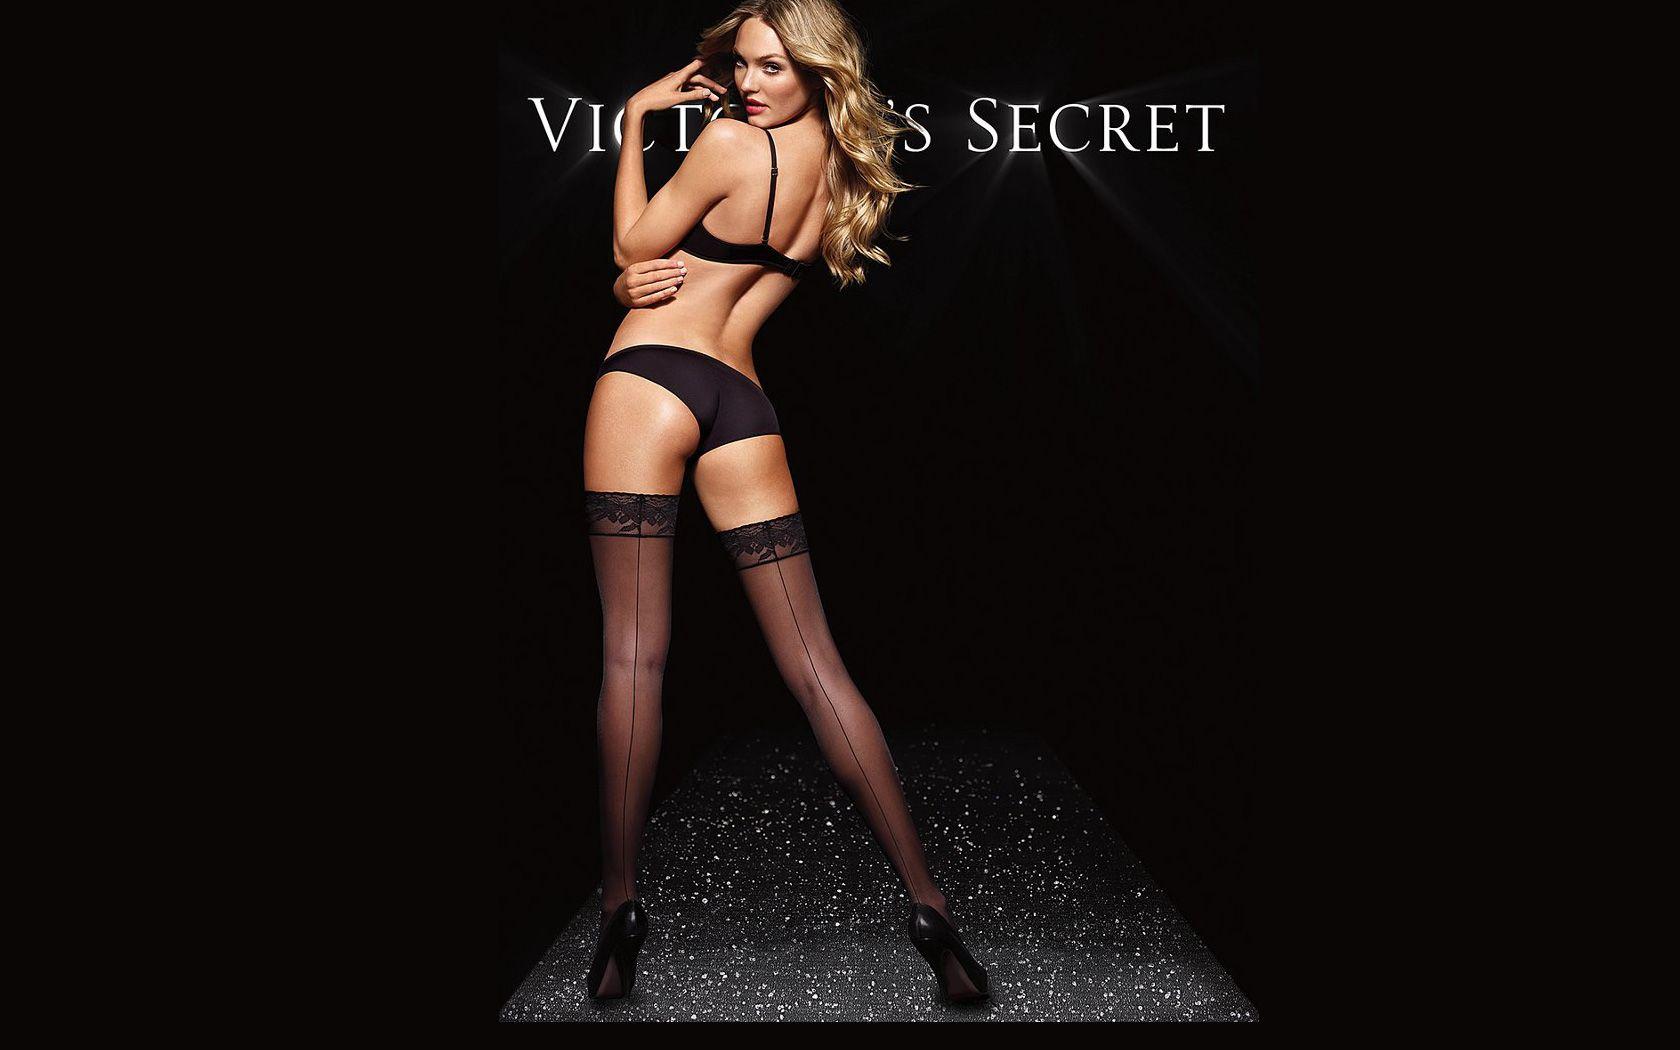 Victoria S Secret Victorias Secret My Wallpapers Victoria Secret Fashion Victoria Secret Fashion Show Victoria Secret